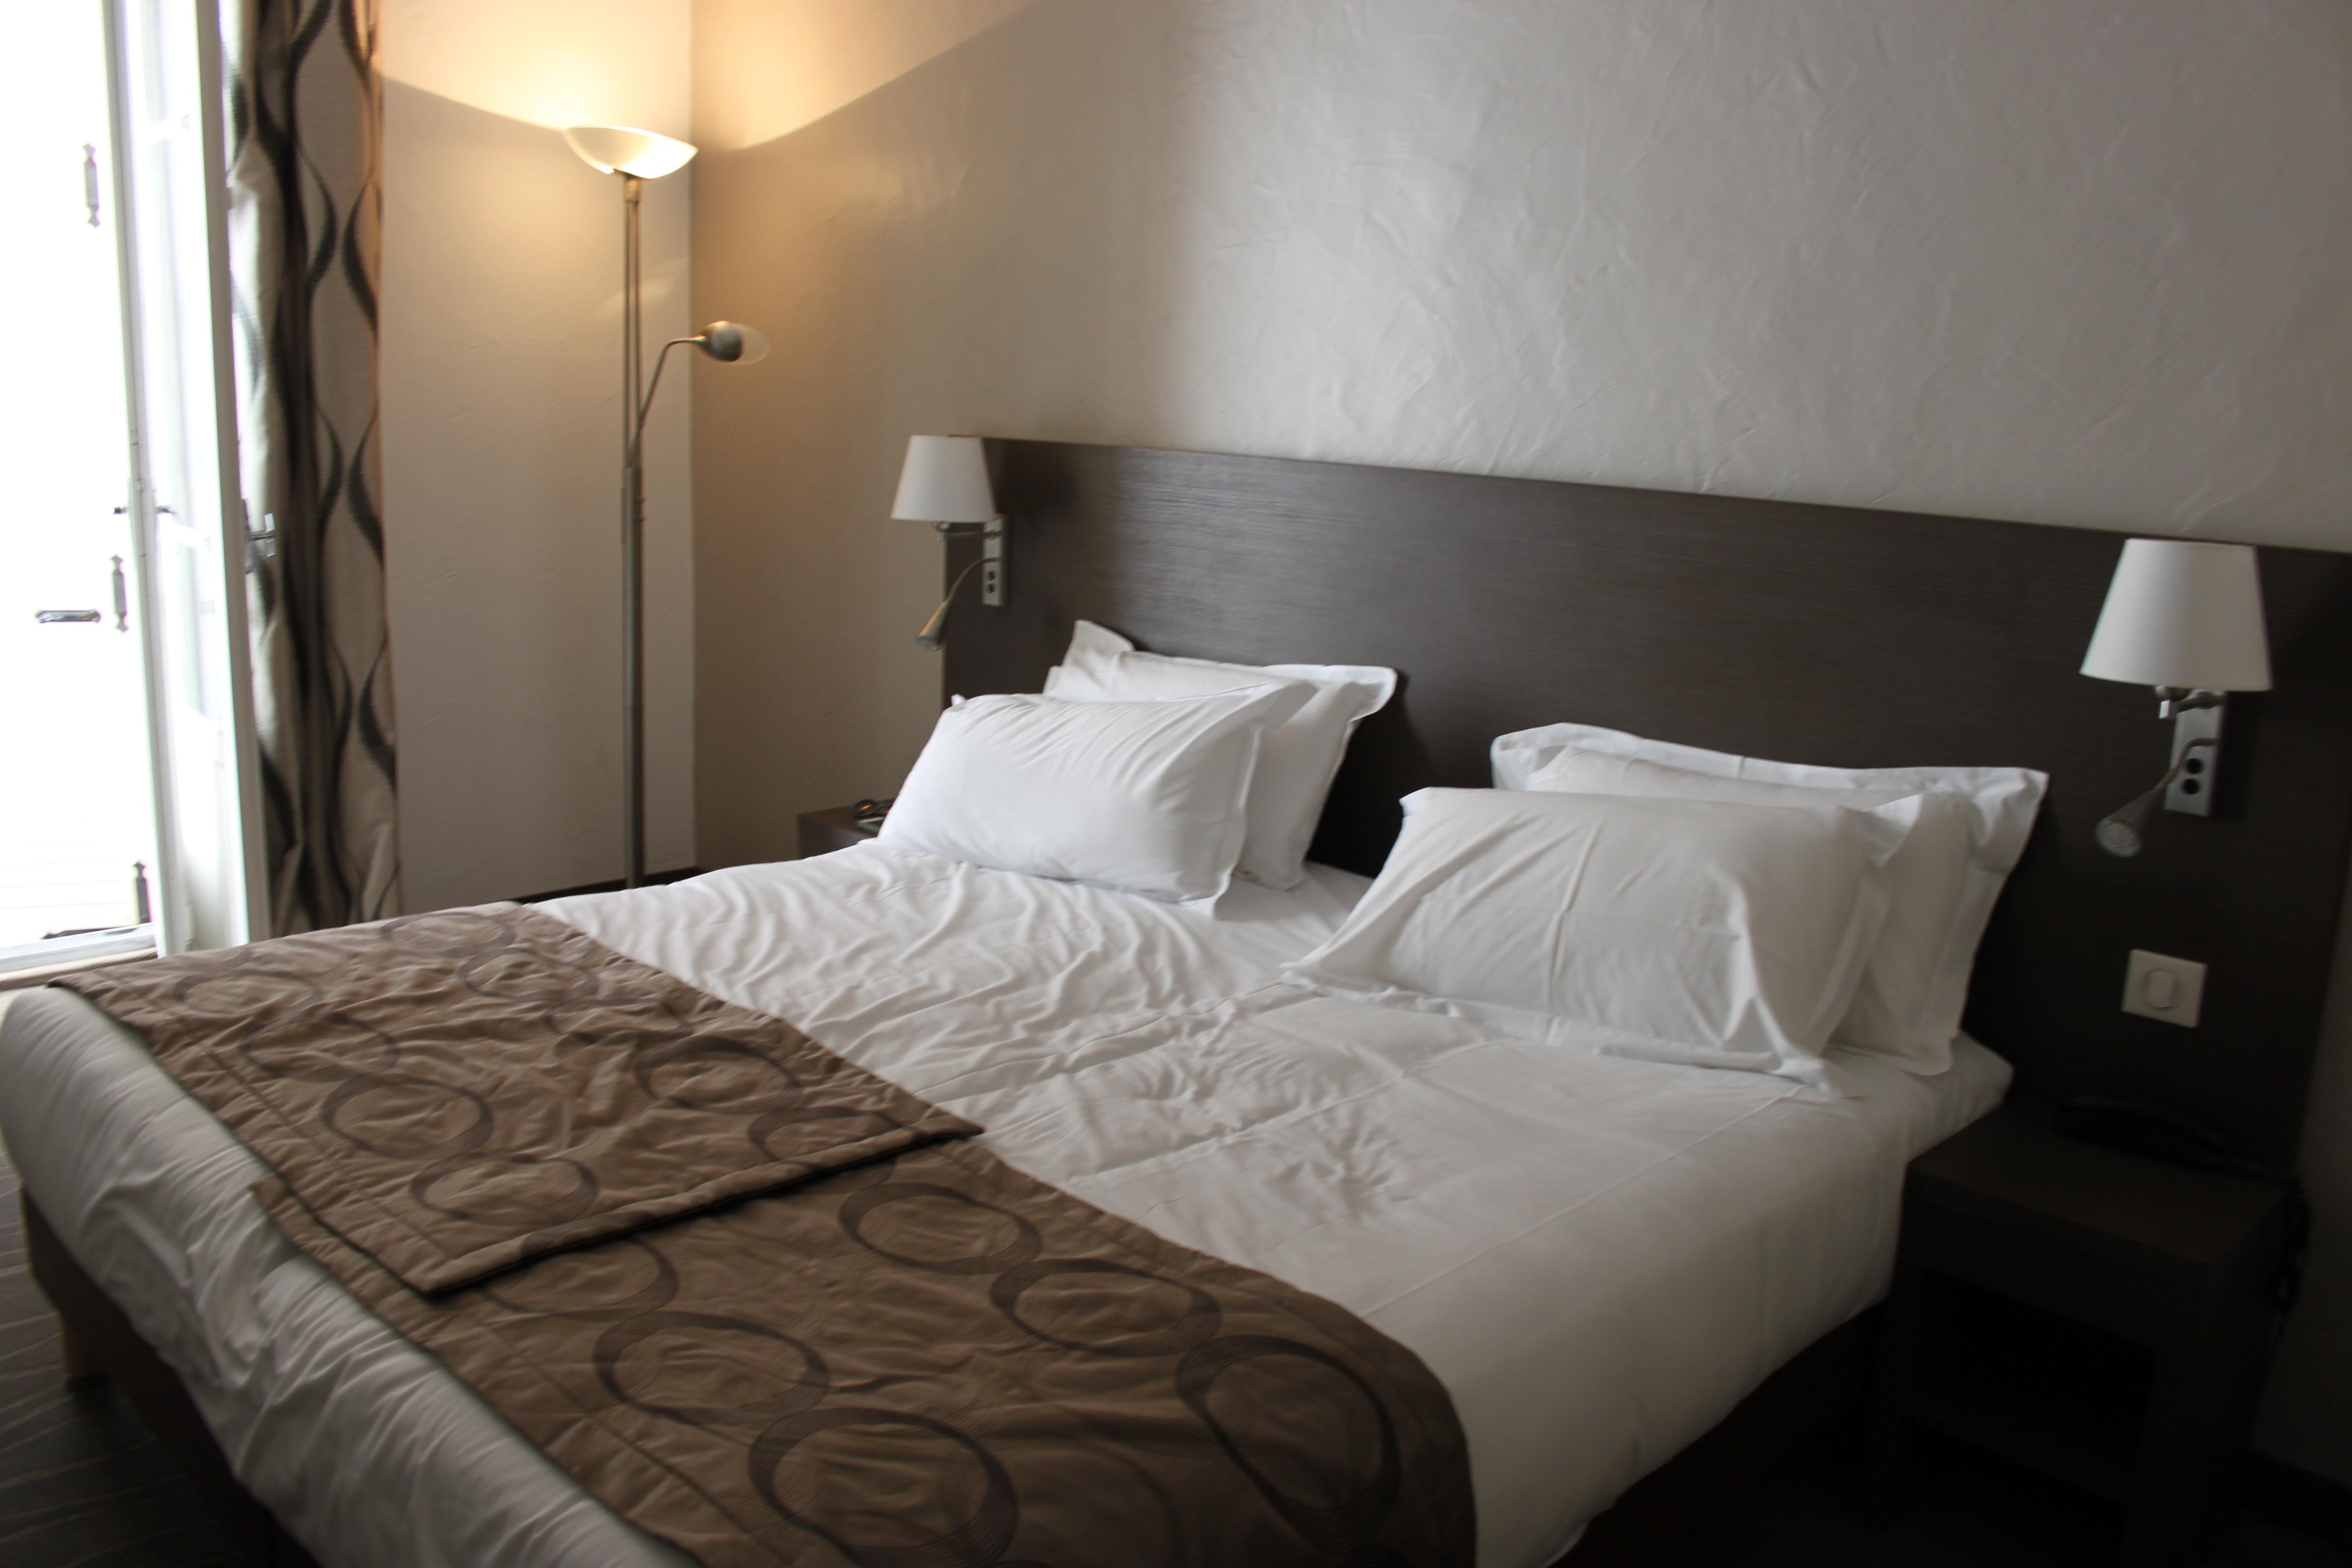 letto matrimoniale stanza 5 hotel Carolina a Cannes di #viaggiareapois